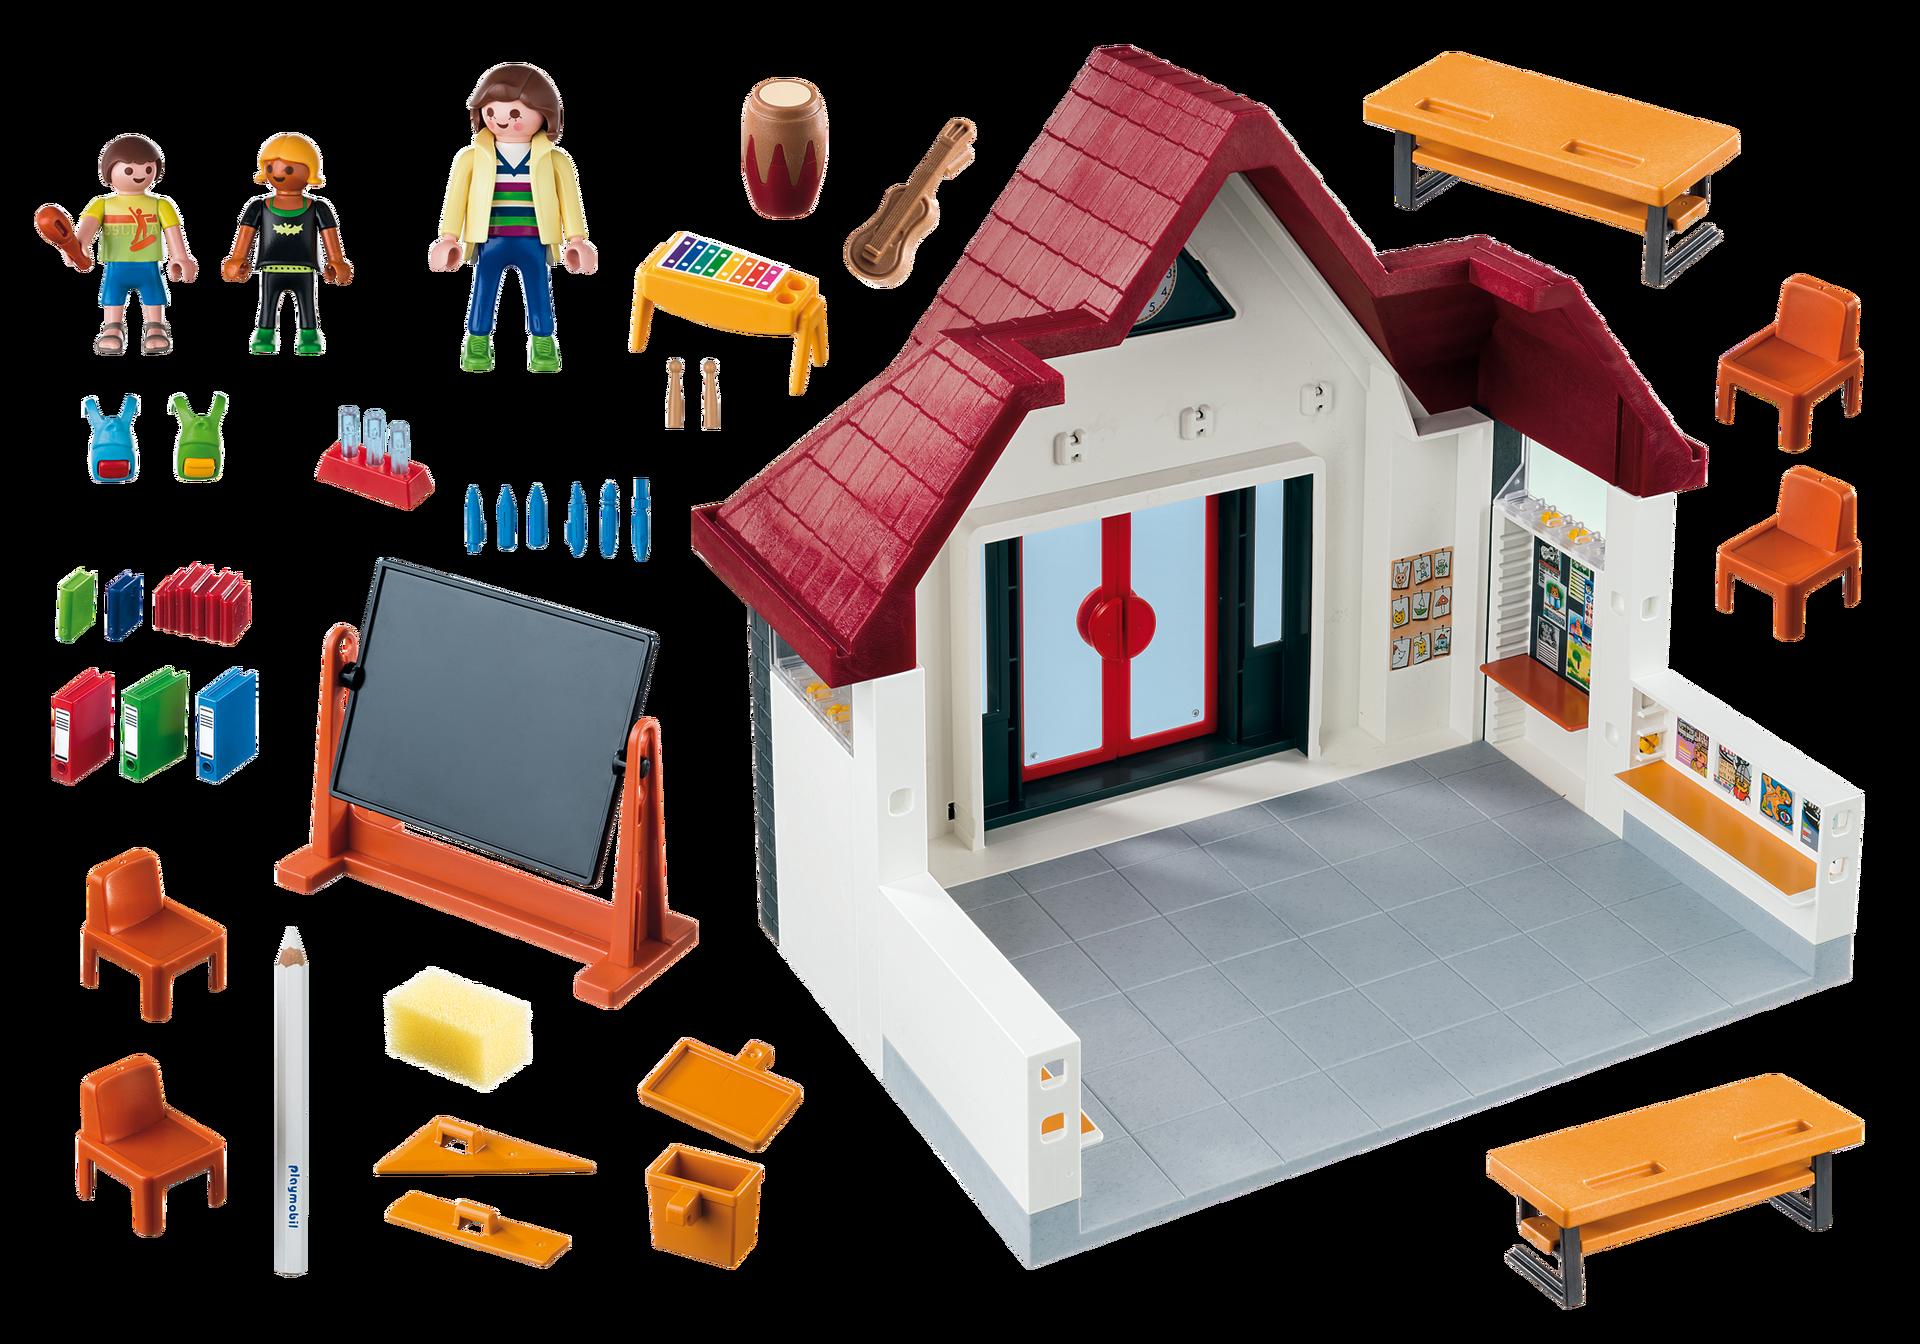 Ecole avec salle de classe 6865 playmobil france for Salle de sejour playmobil